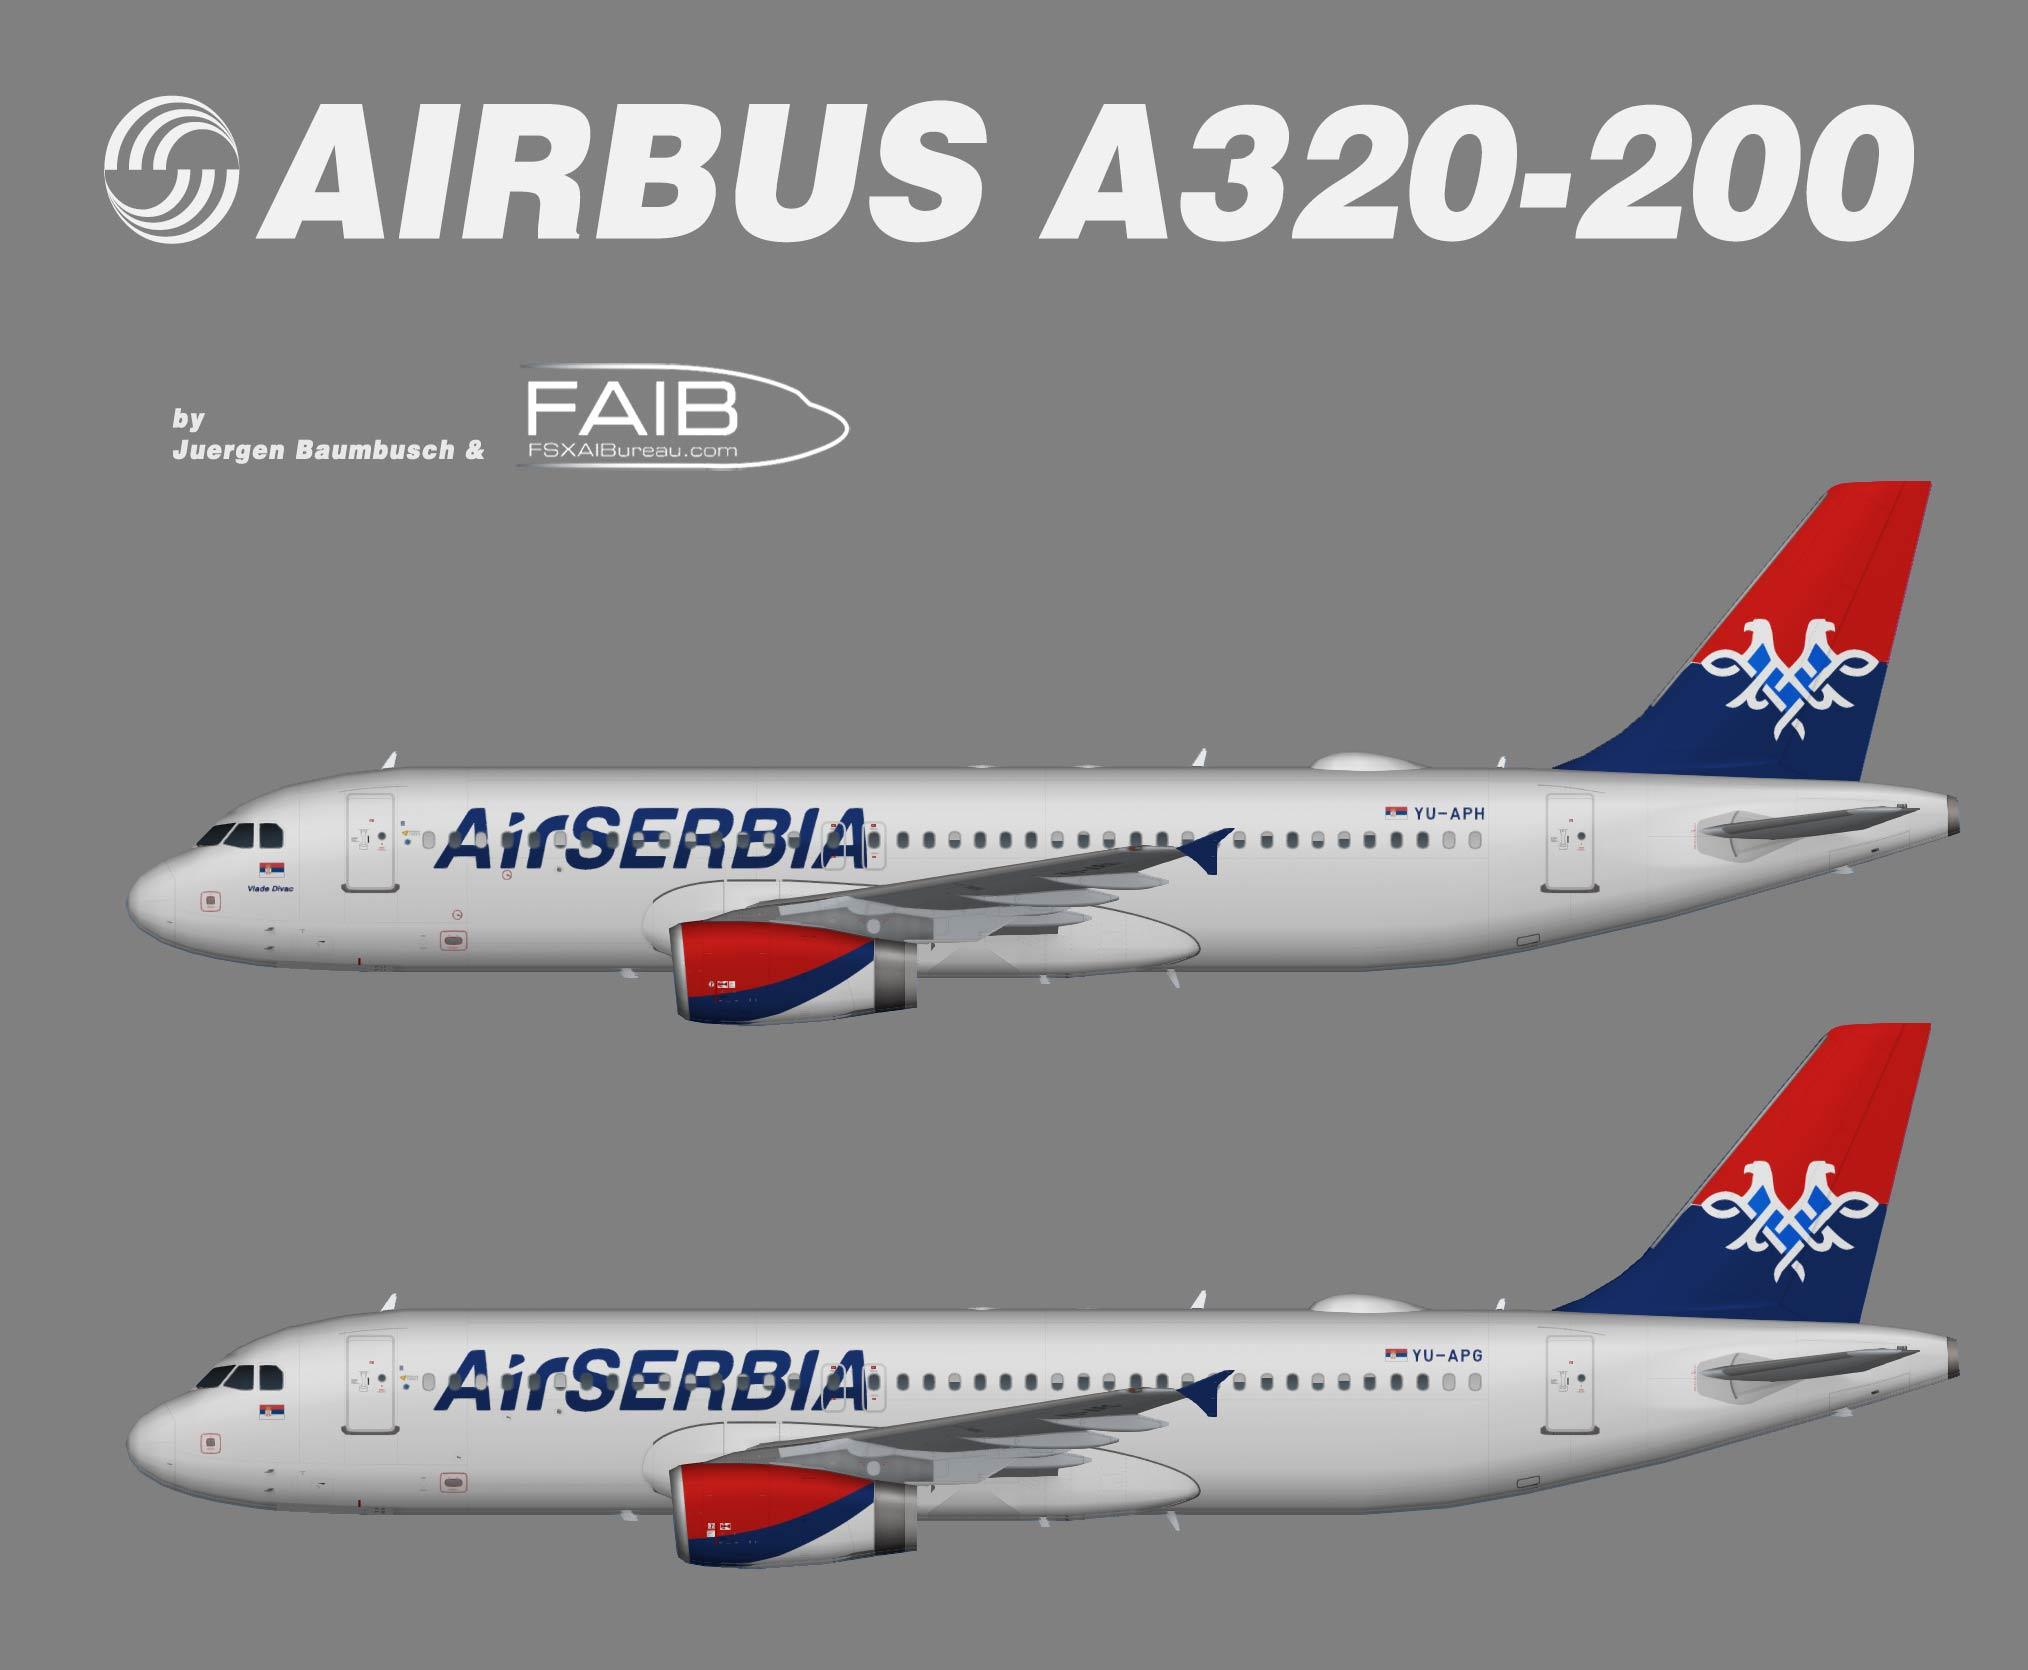 Air Serbia Airbus A320-200